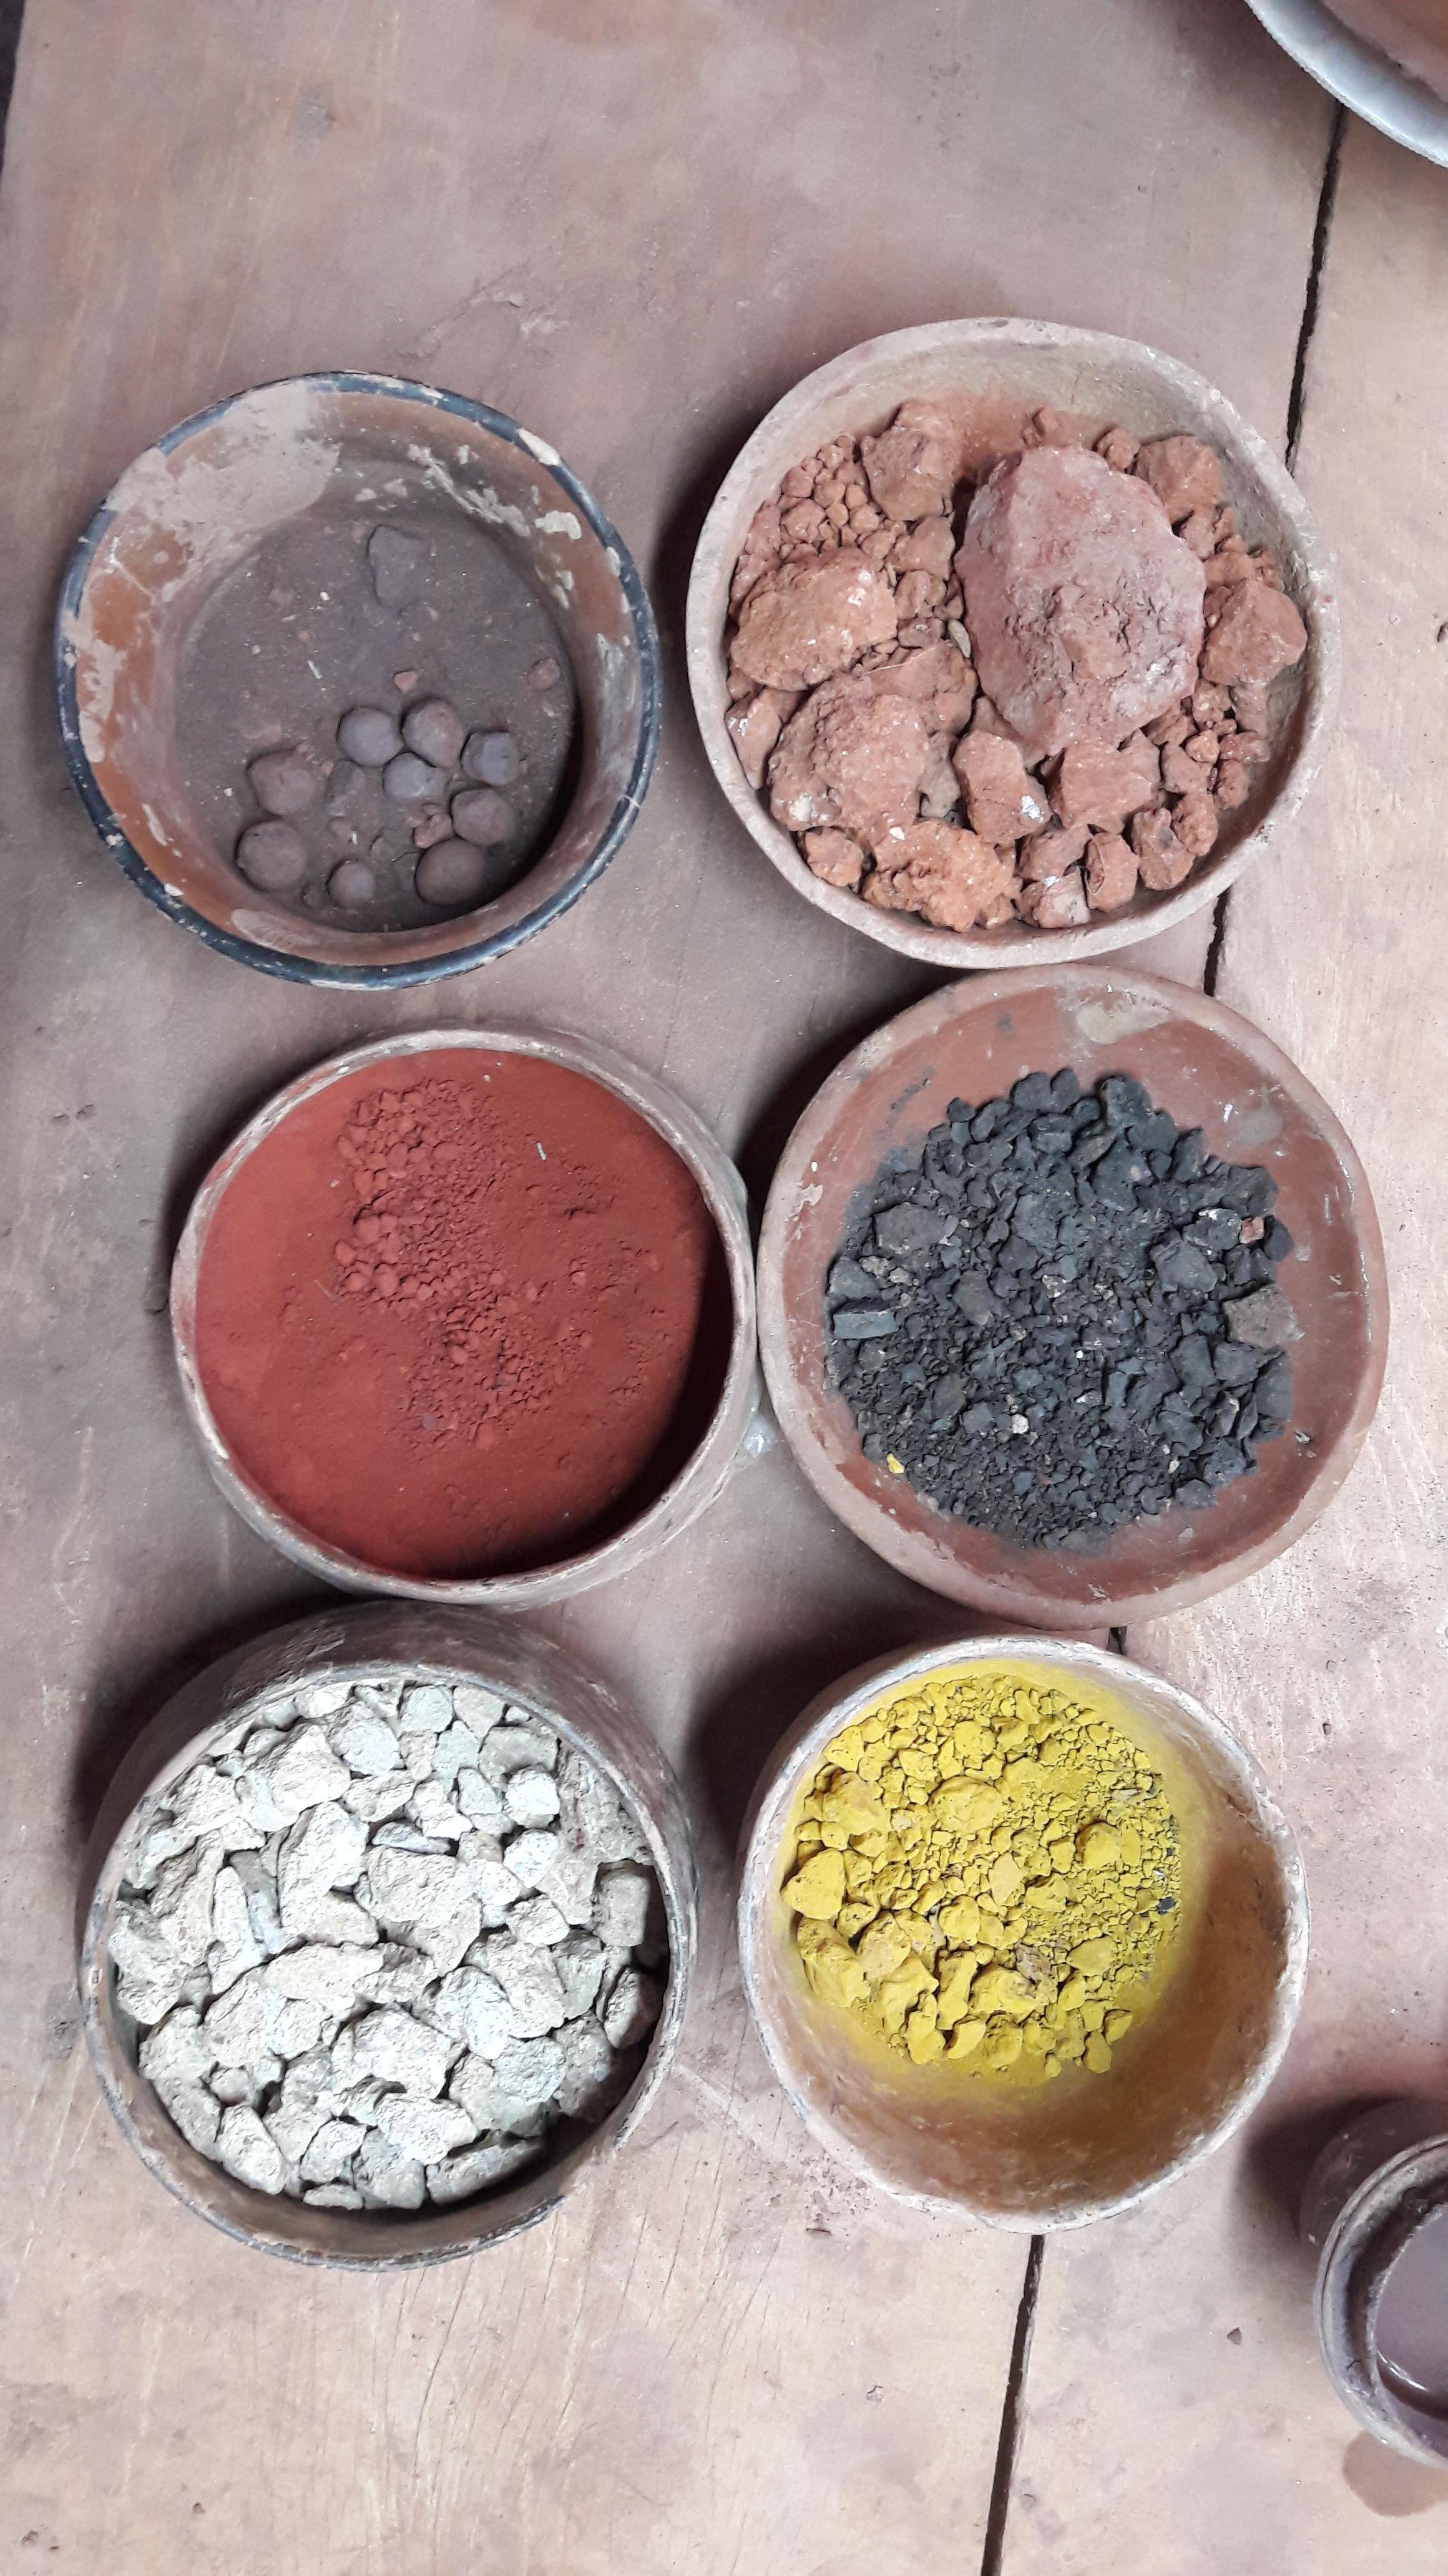 six pots full of colourful powders